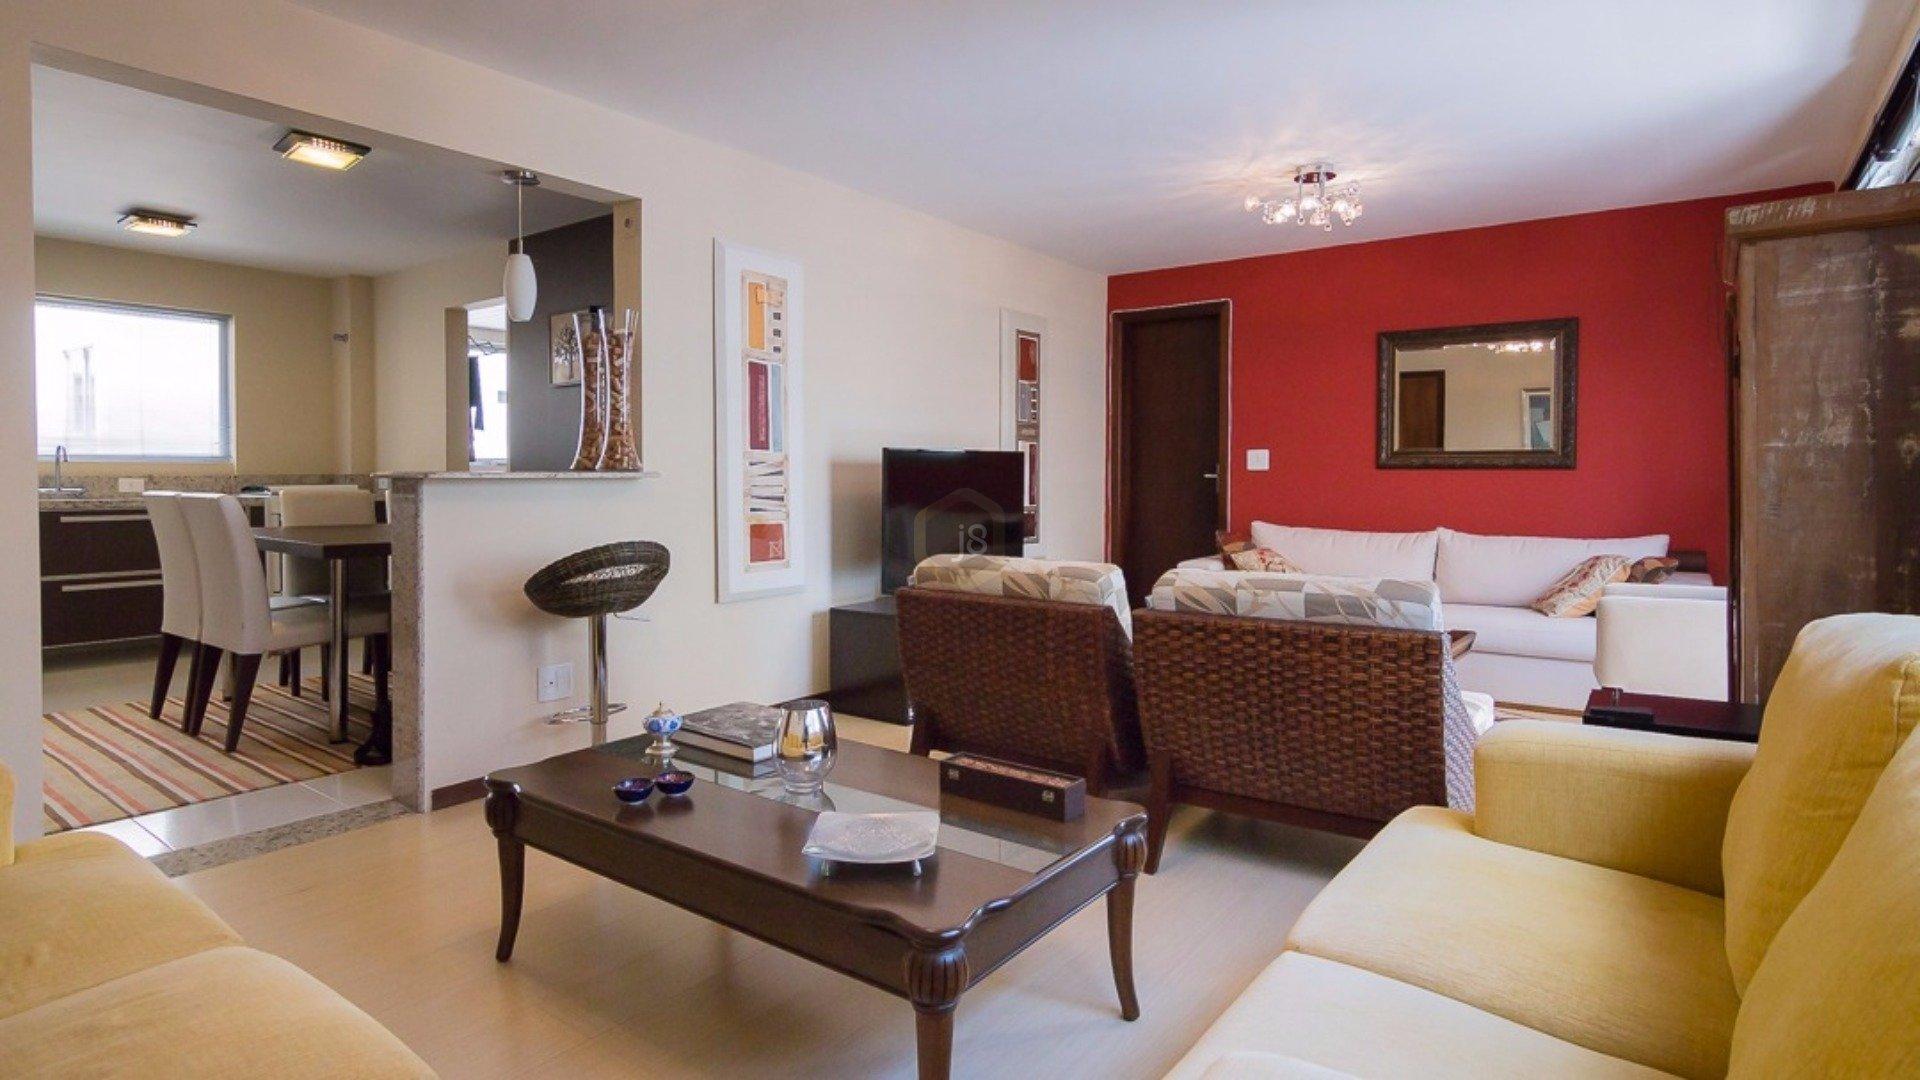 Foto de destaque Apartamento charmoso de 2 quartos no água verde